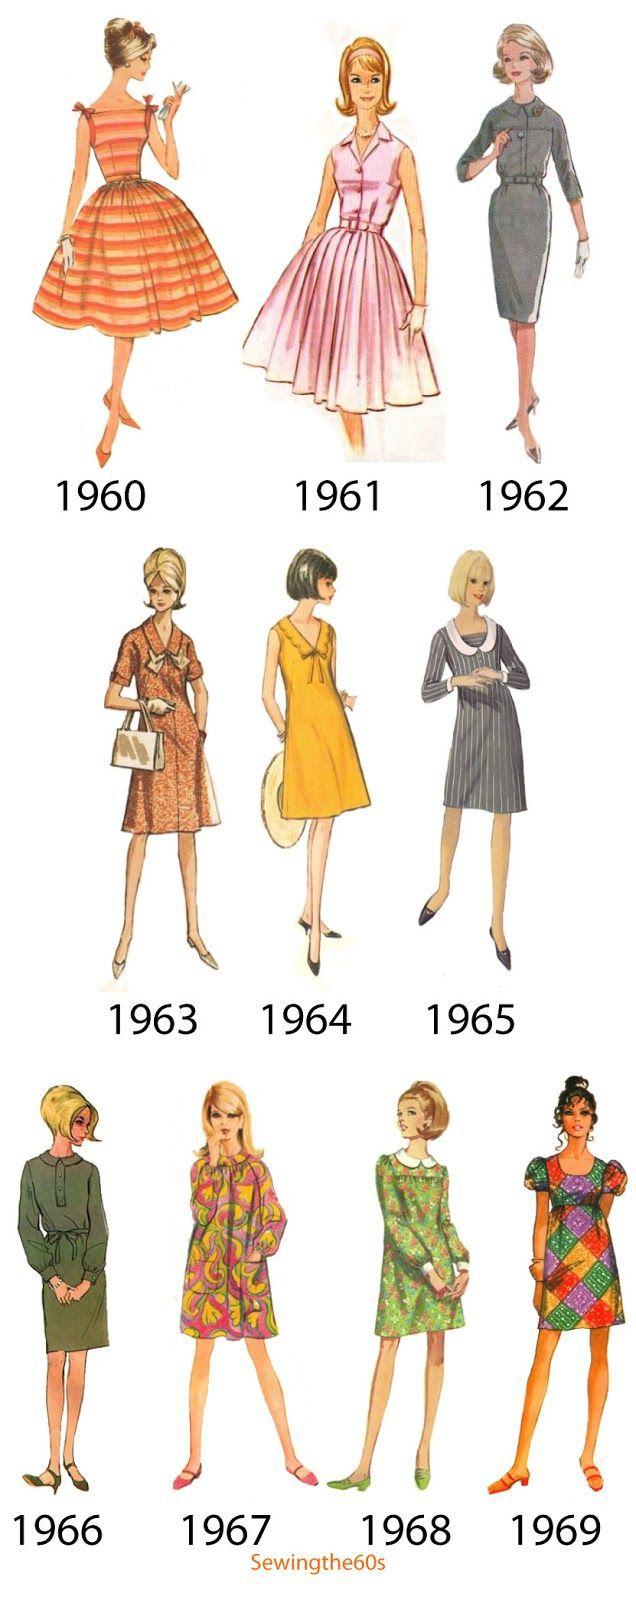 Nu är det äntligen dags för den sista delen i min serie om hur man ålderbestämmer vintagekläder! Jag började med dem i januari och sen kom allt jobb mellan och inte förrän nu har jag fått...